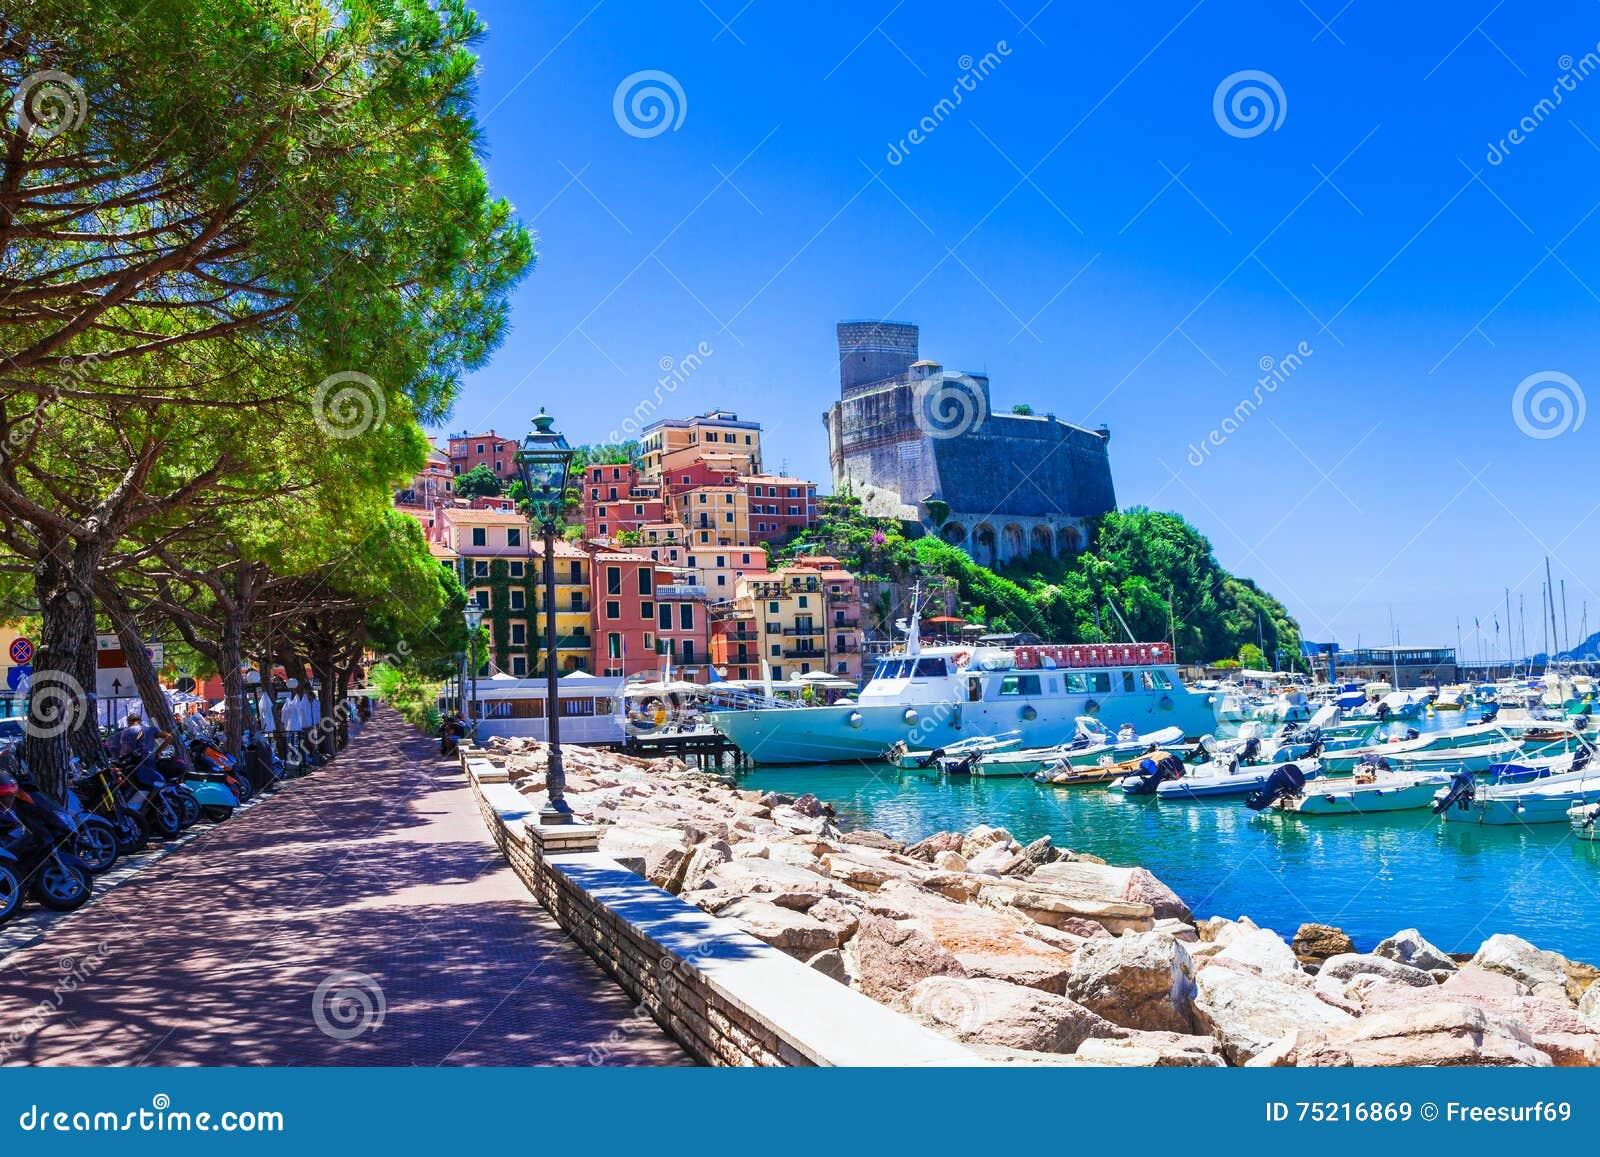 Mooie plaatsen van Italië - Lerici in Ligurië